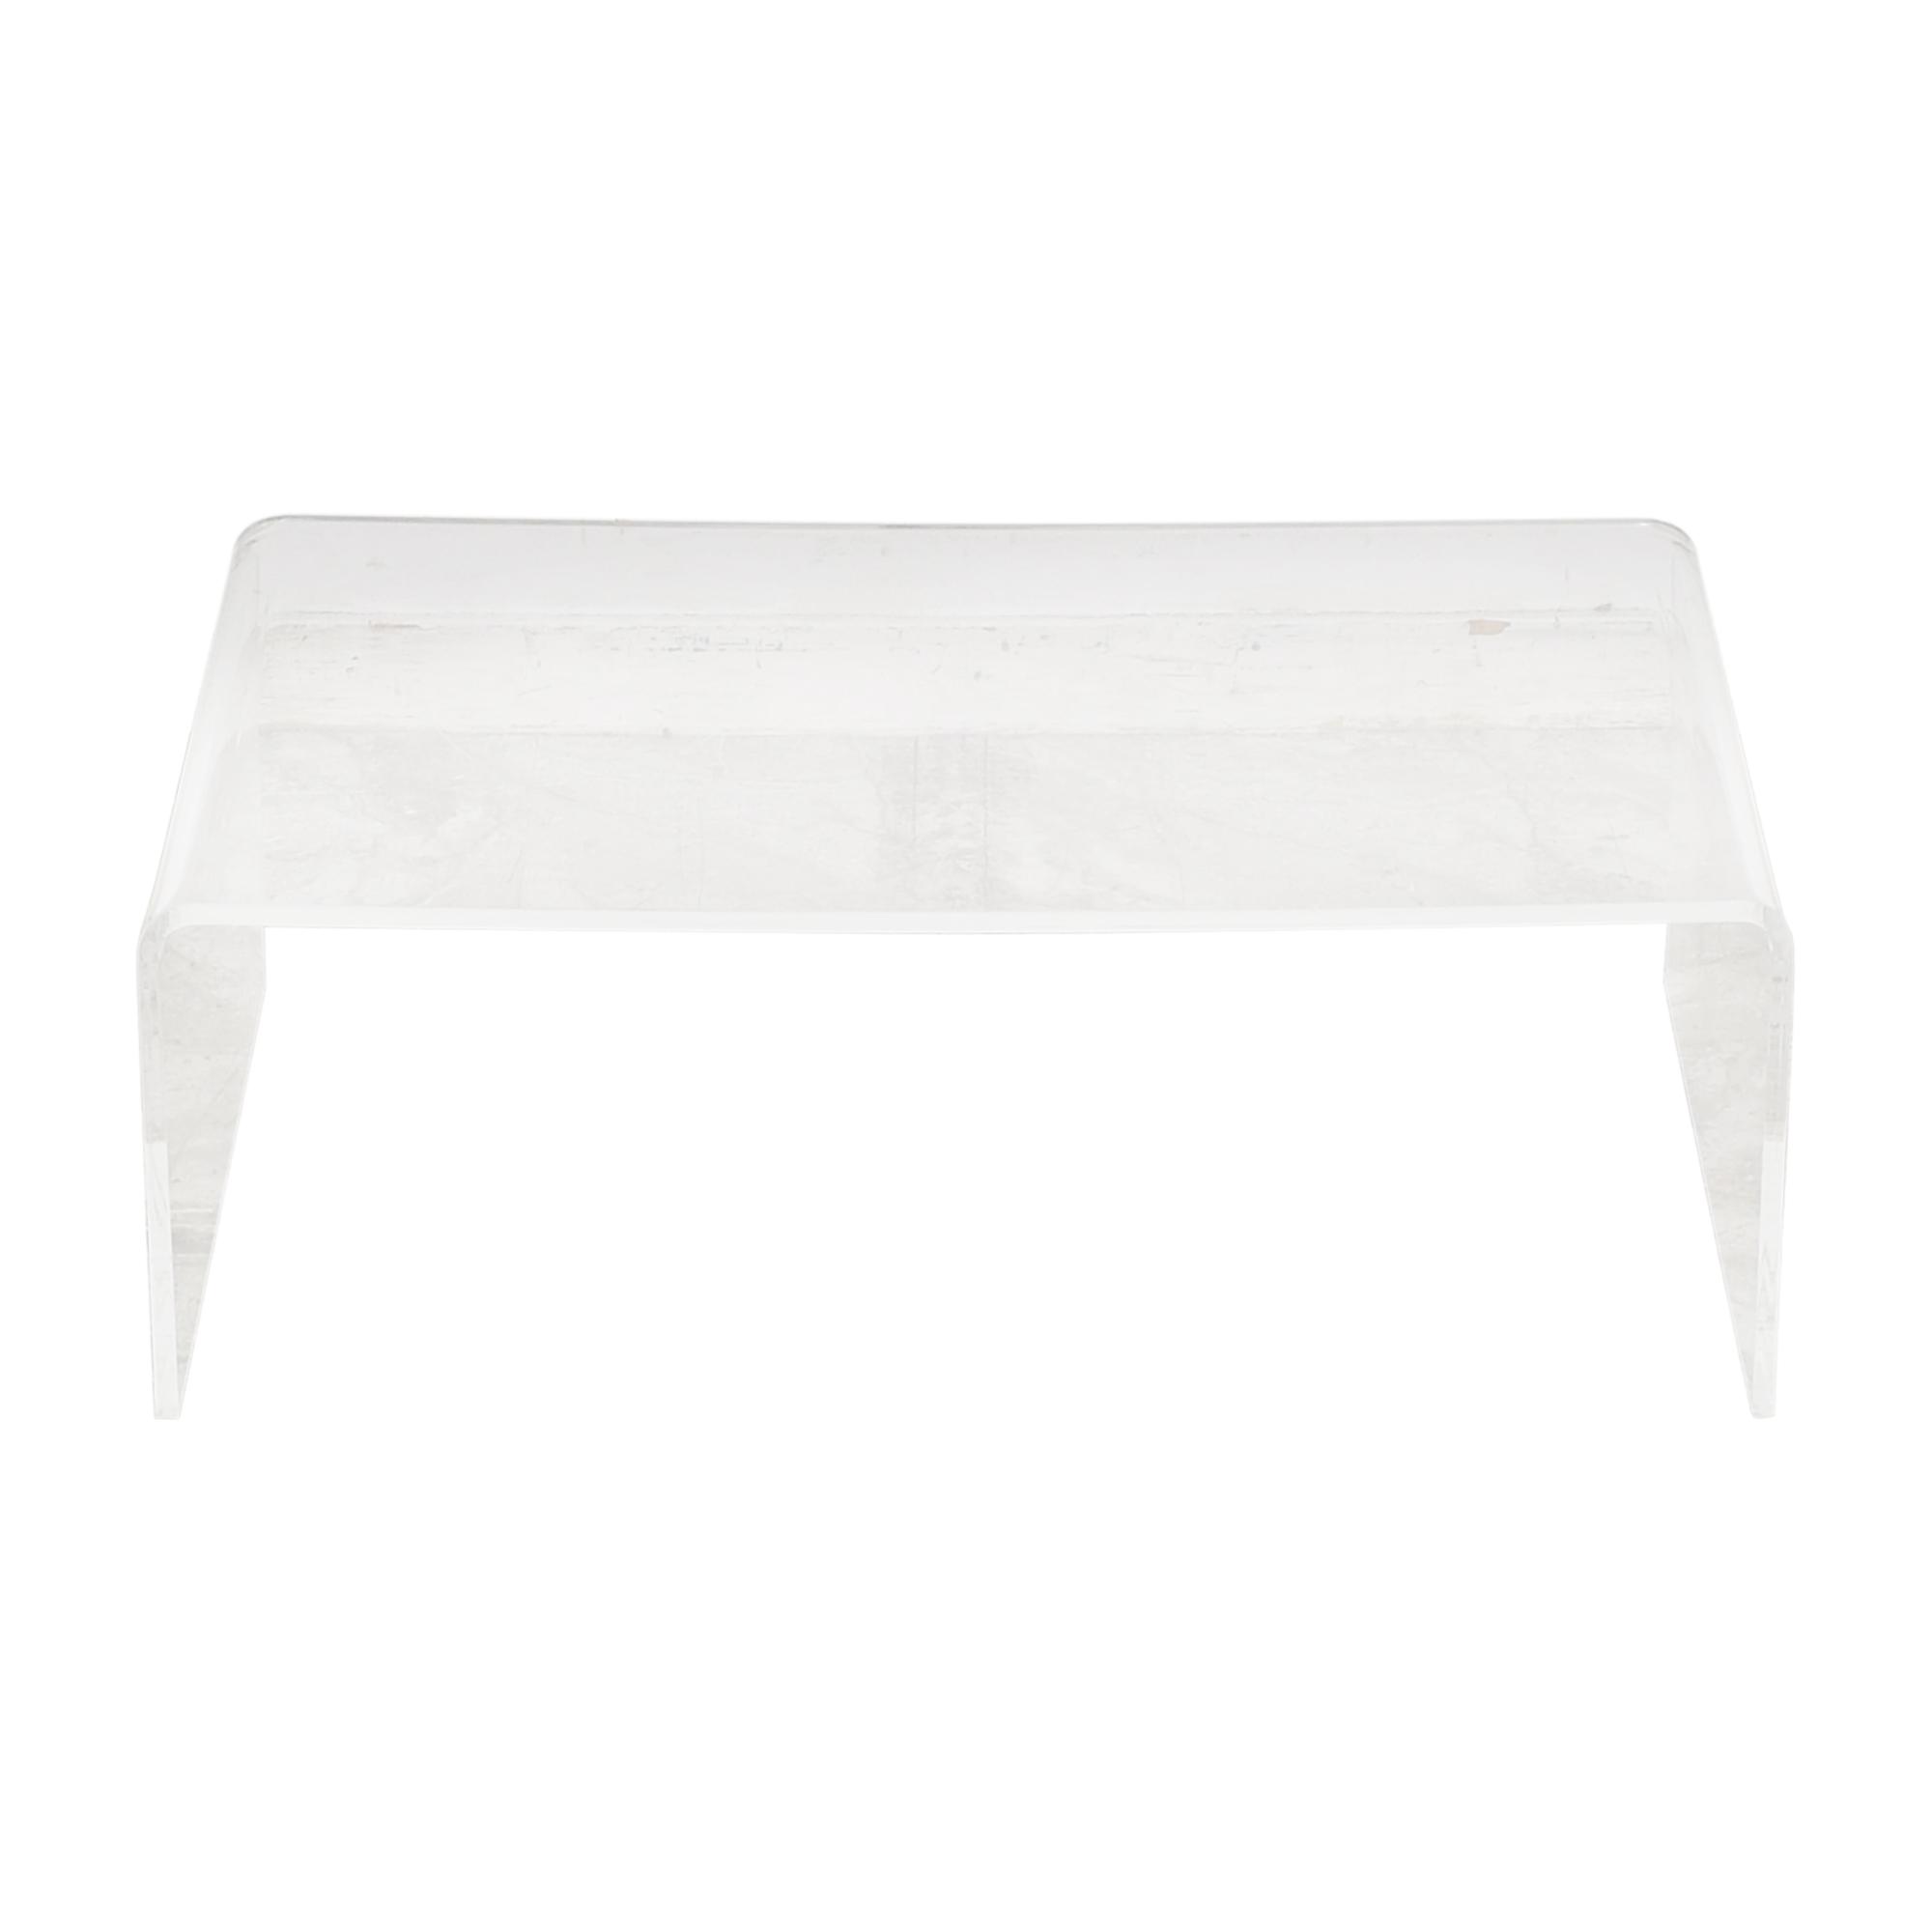 31 off cb2 cb2 peekaboo coffee table tables